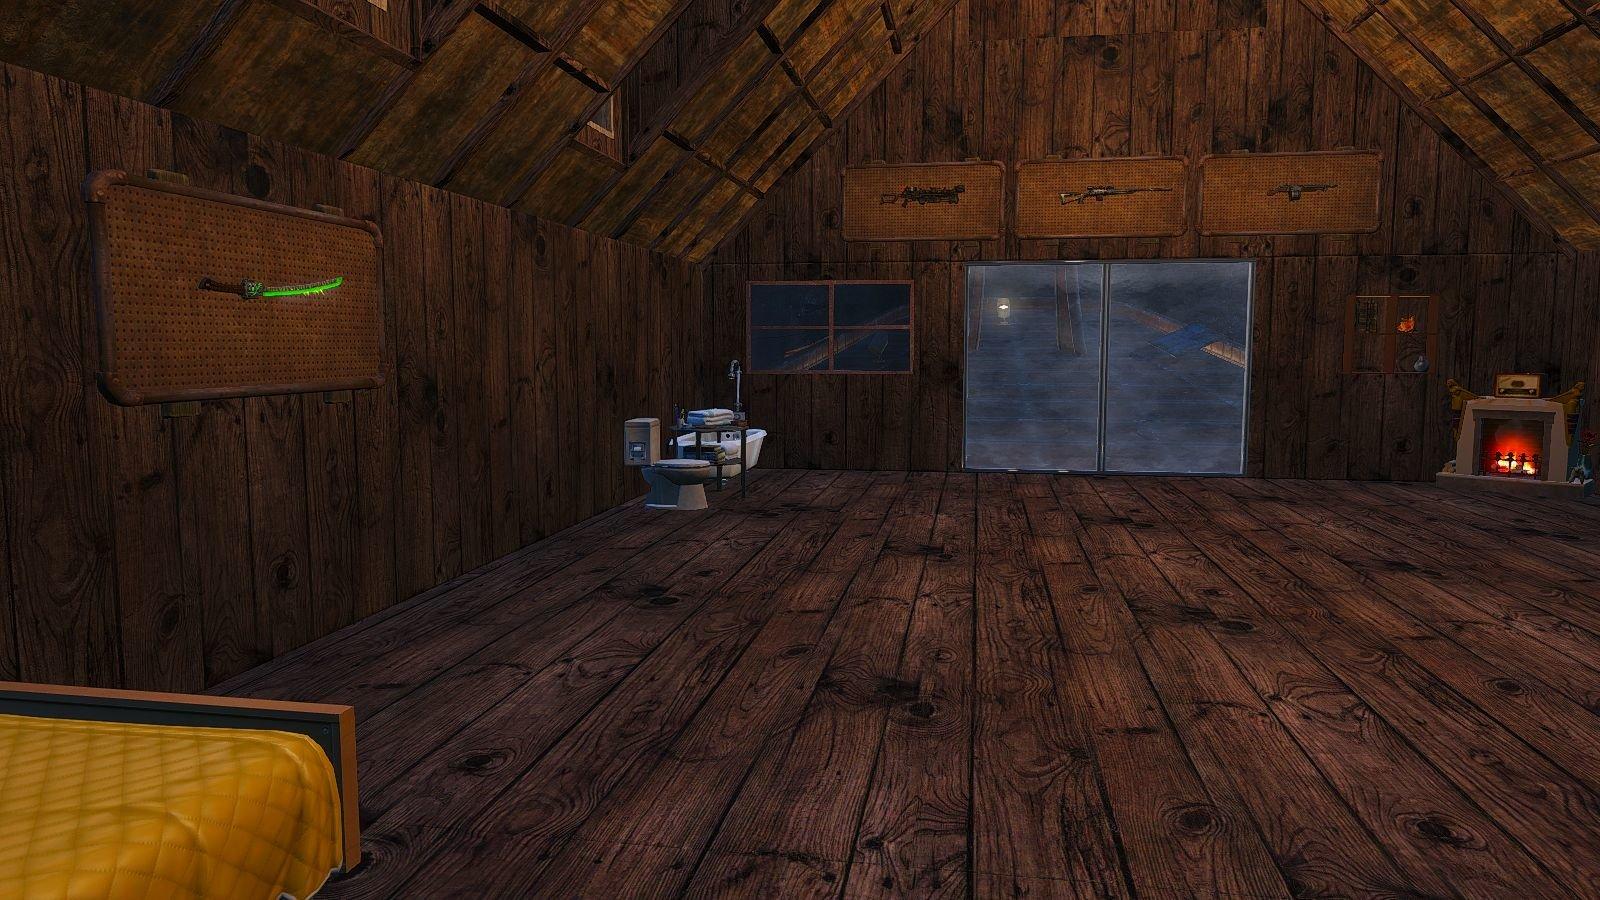 Уютно - дома в Кр.Ракете.. Fallout-4 (Сборка 6.4)